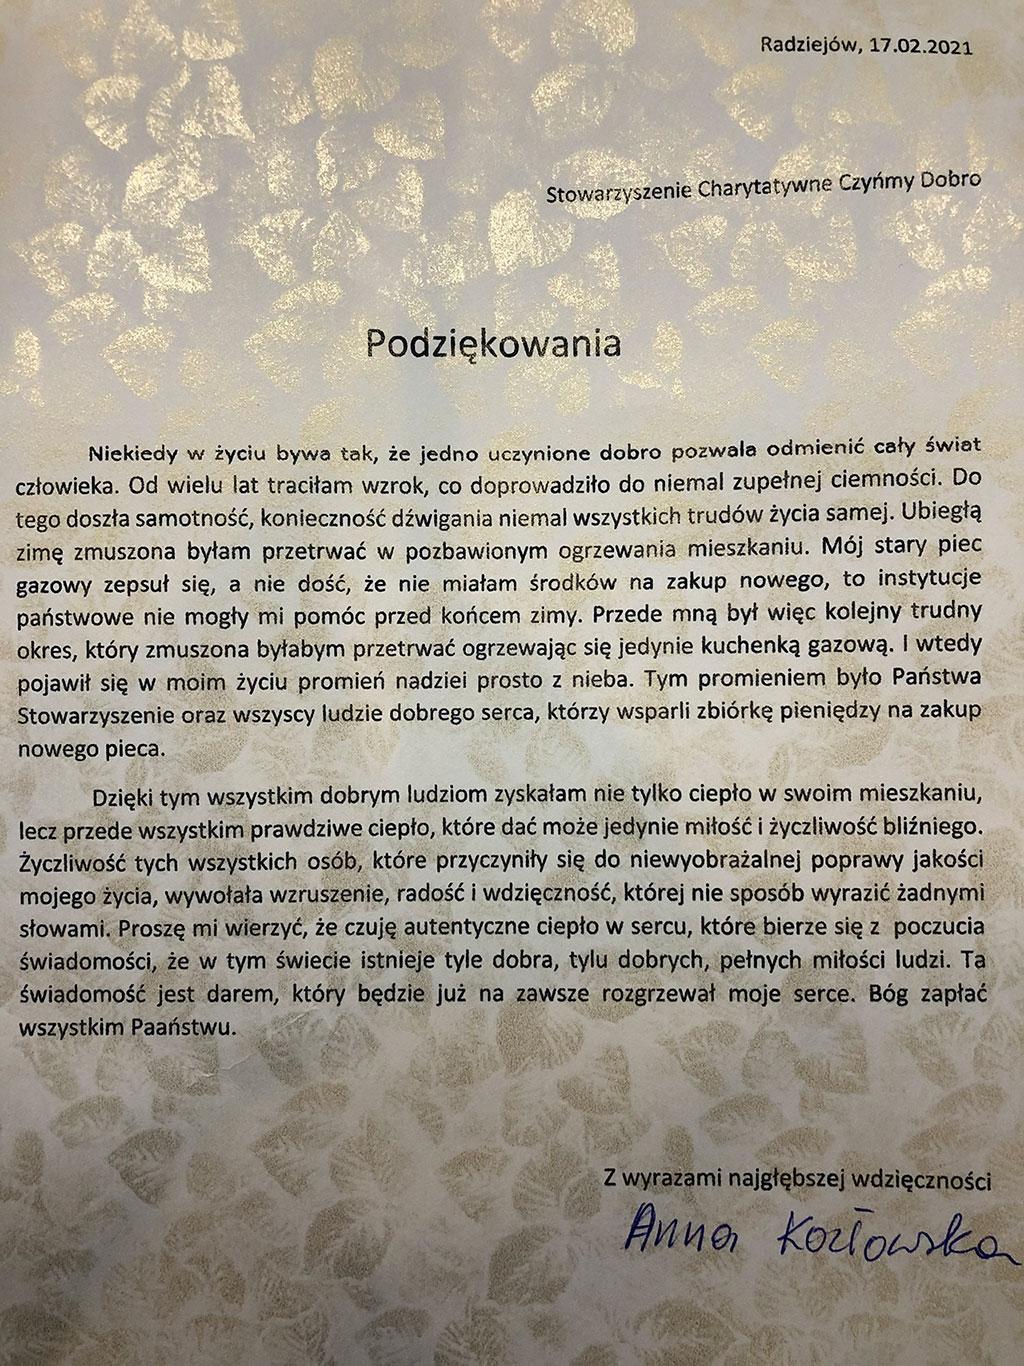 jestescie-swiatlem-pl-pani-ania-4